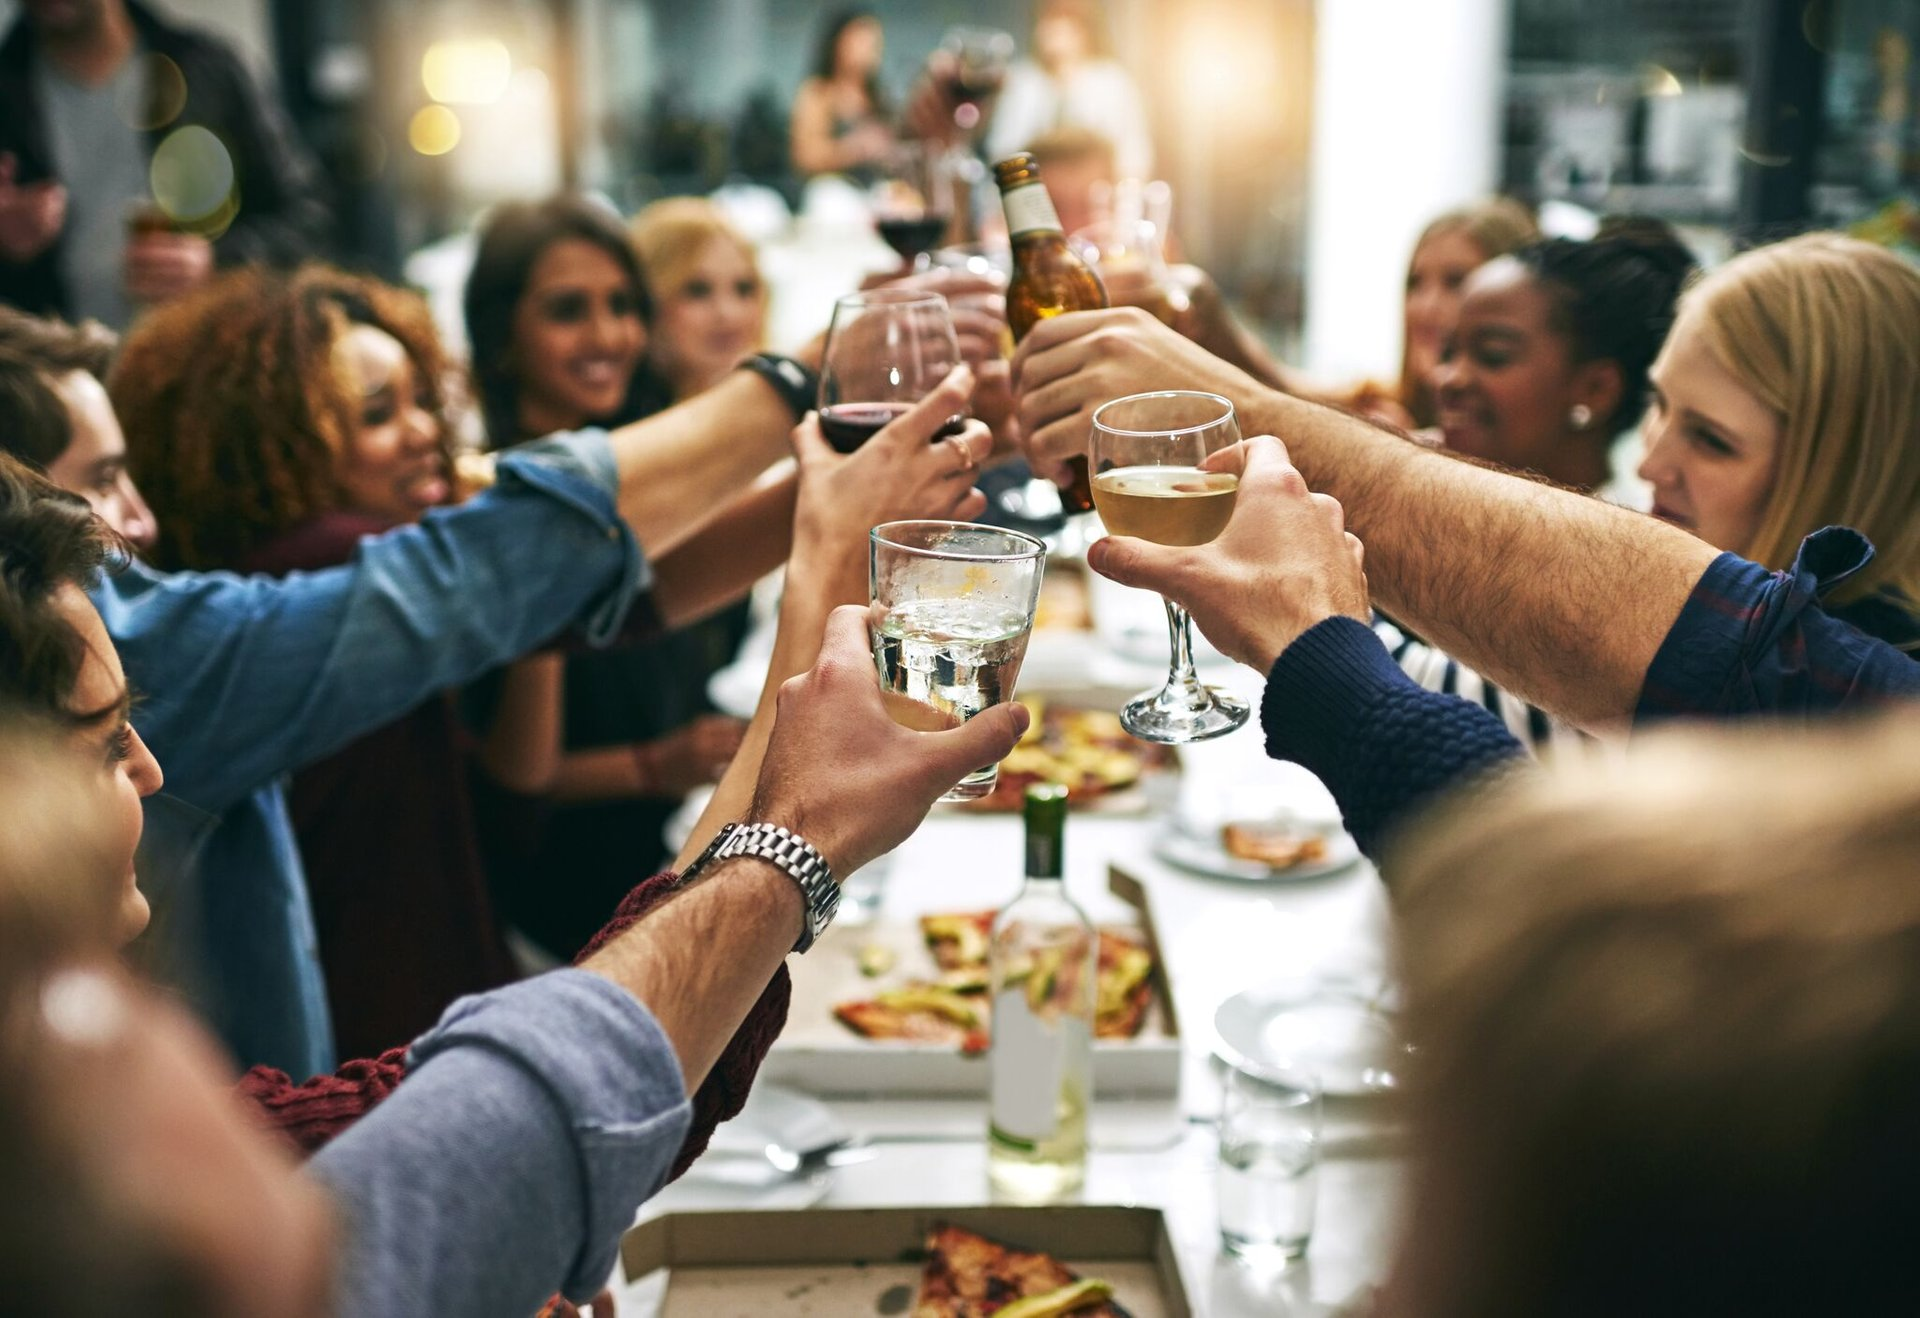 San Diego Restaurant Week in San Diego 2020 - Best Time